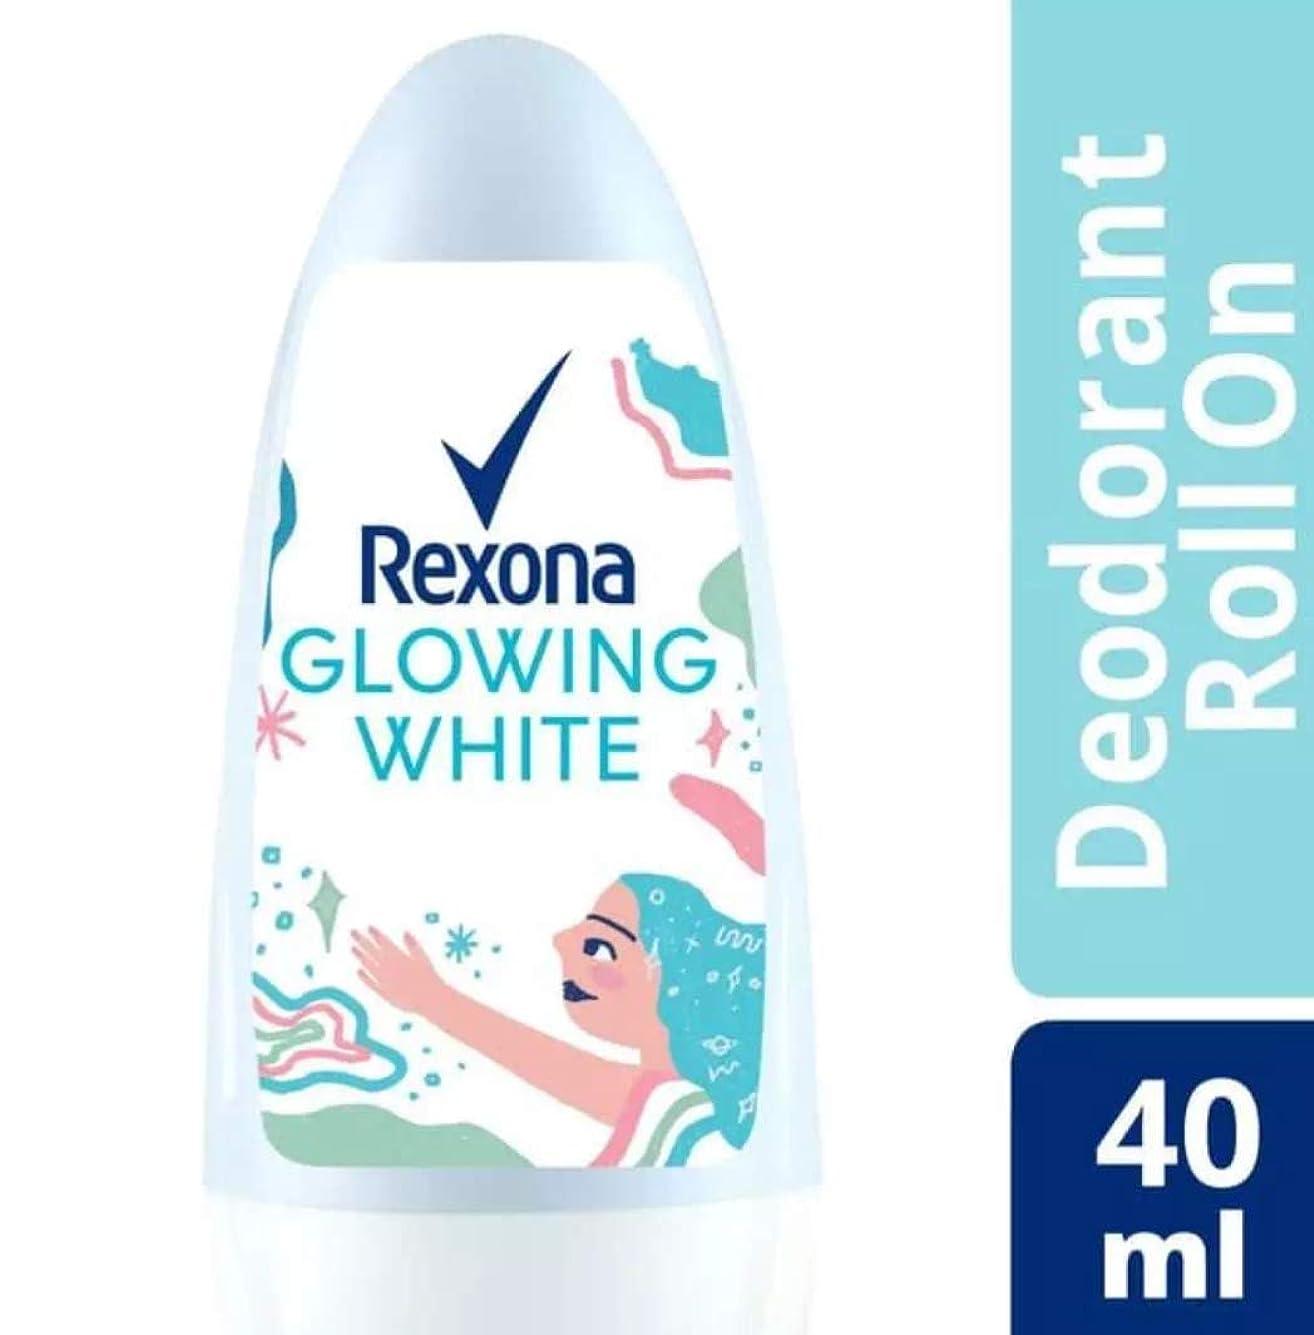 リーズピラミッド補助Rexona レクソナ woman 制汗 デオドラント ロールオン GROWING WHITE【アルコール 0%】 ソフトなバラの香り 40ml [並行輸入品]